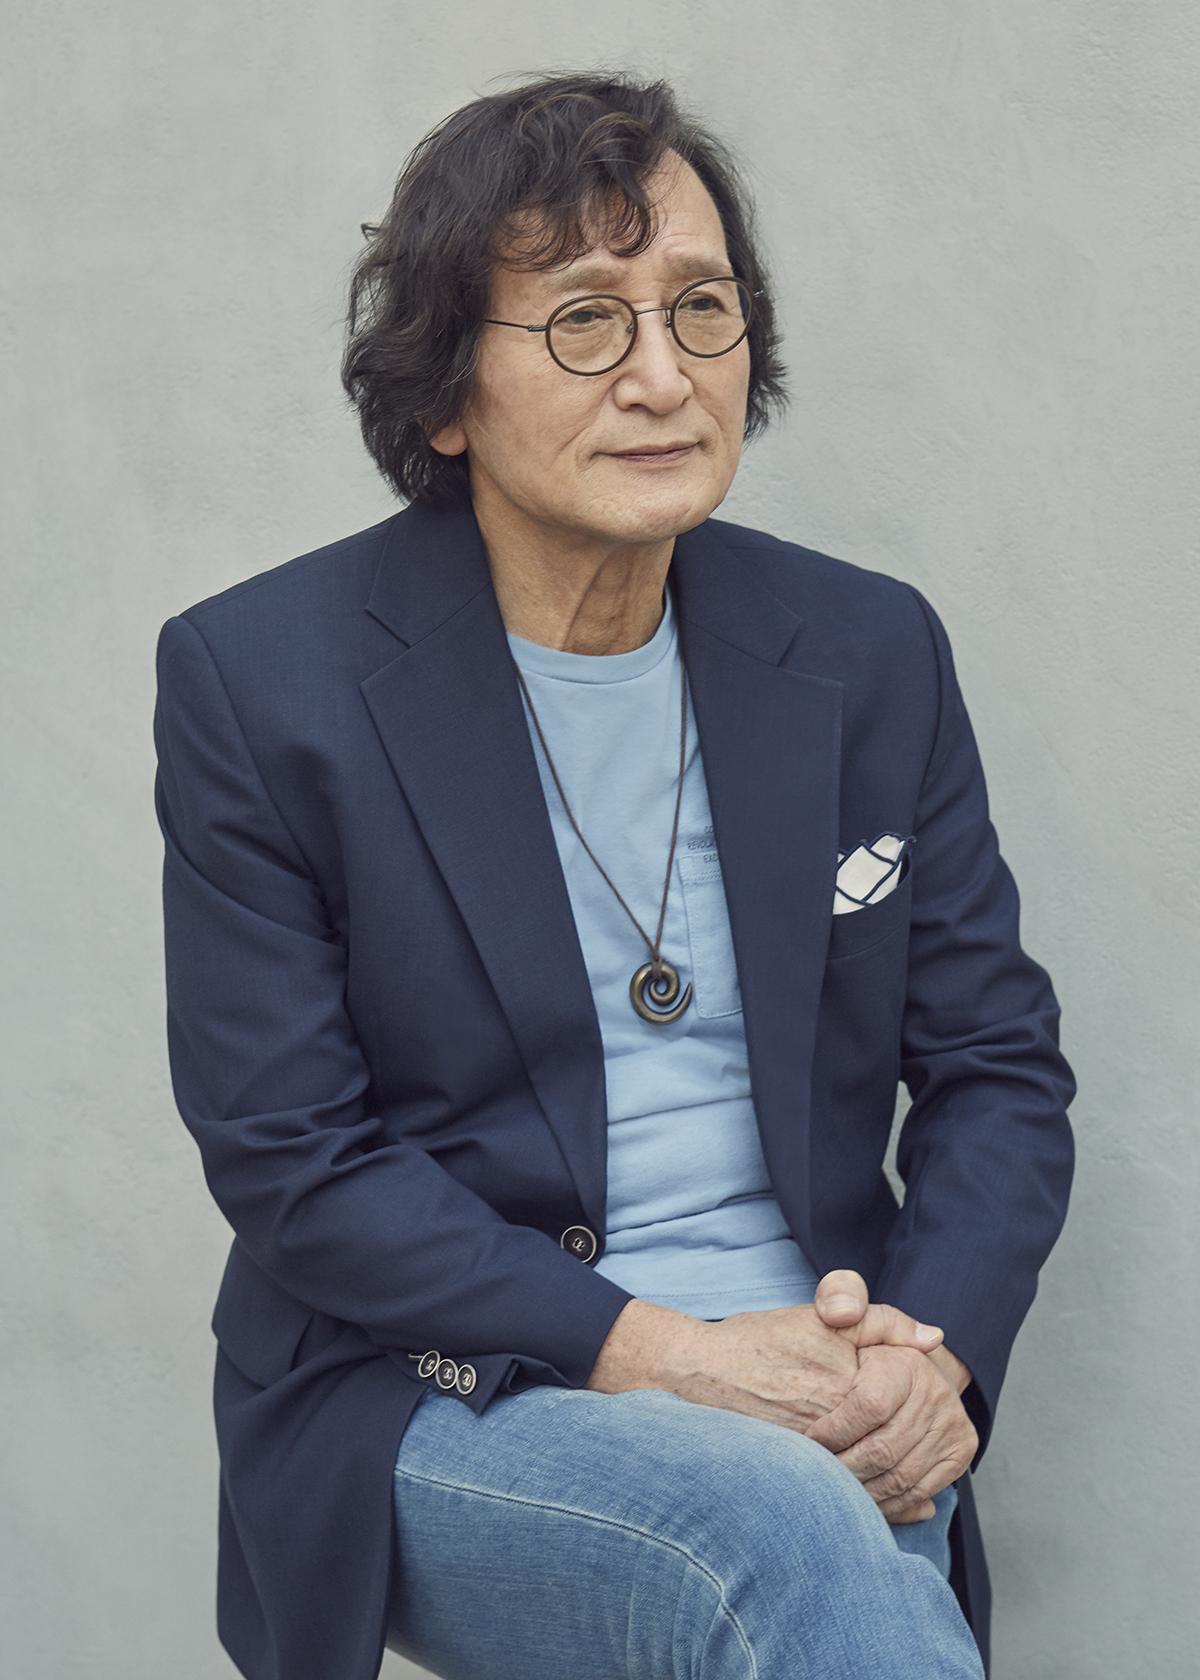 Jung JiYoung